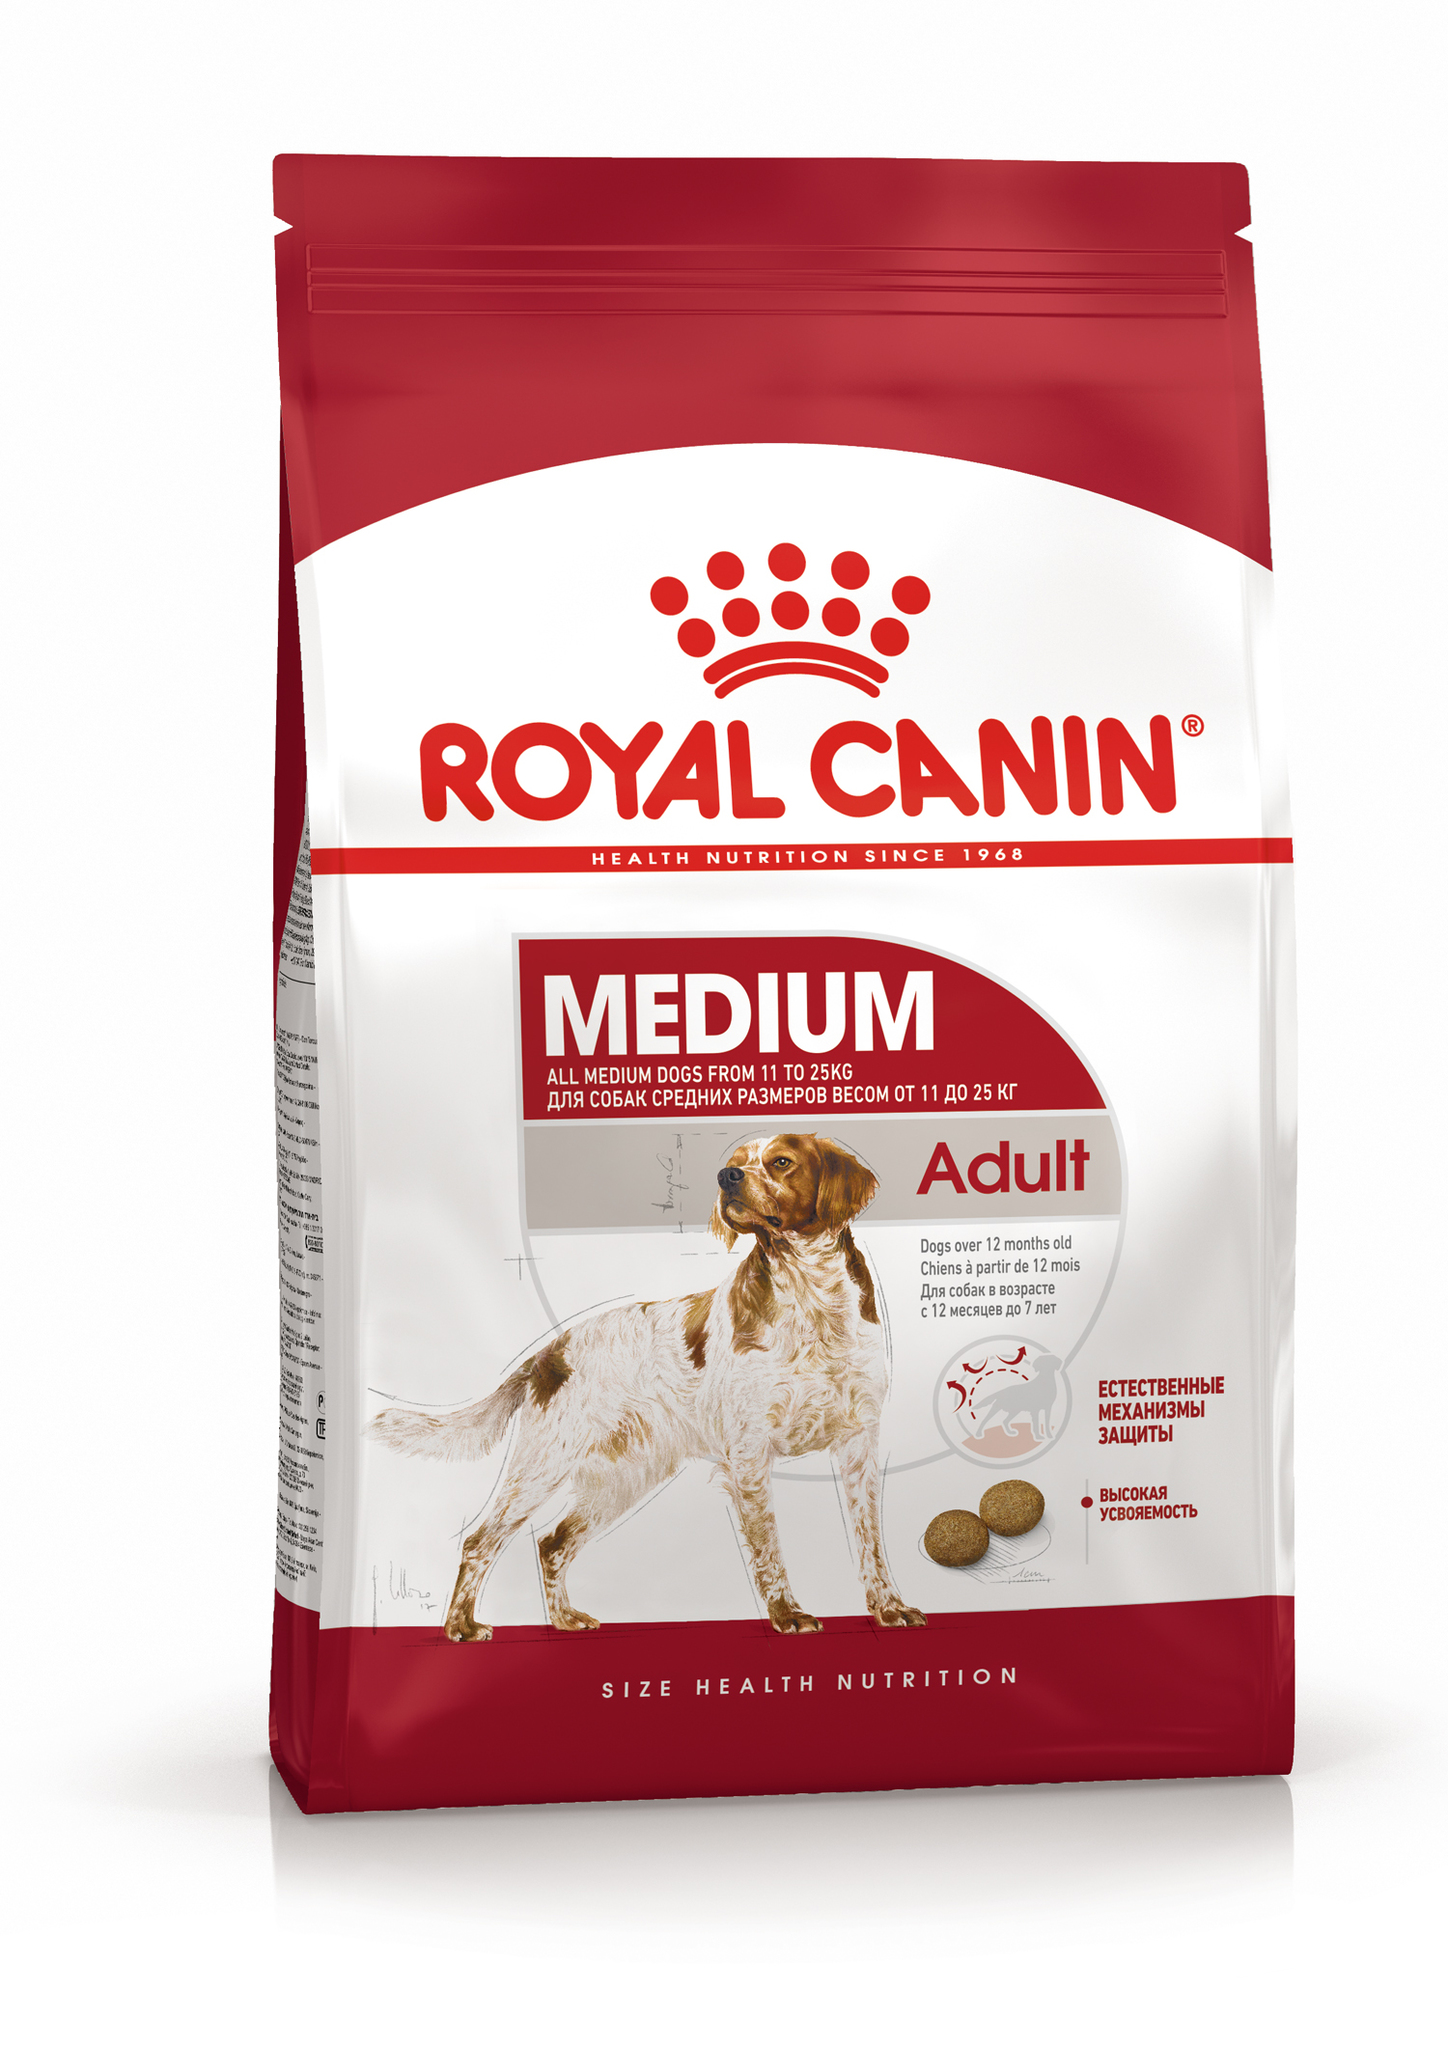 Сухой корм Корм для собак средних пород, Royal Canin Medium Adult 4627109384778_1.jpg